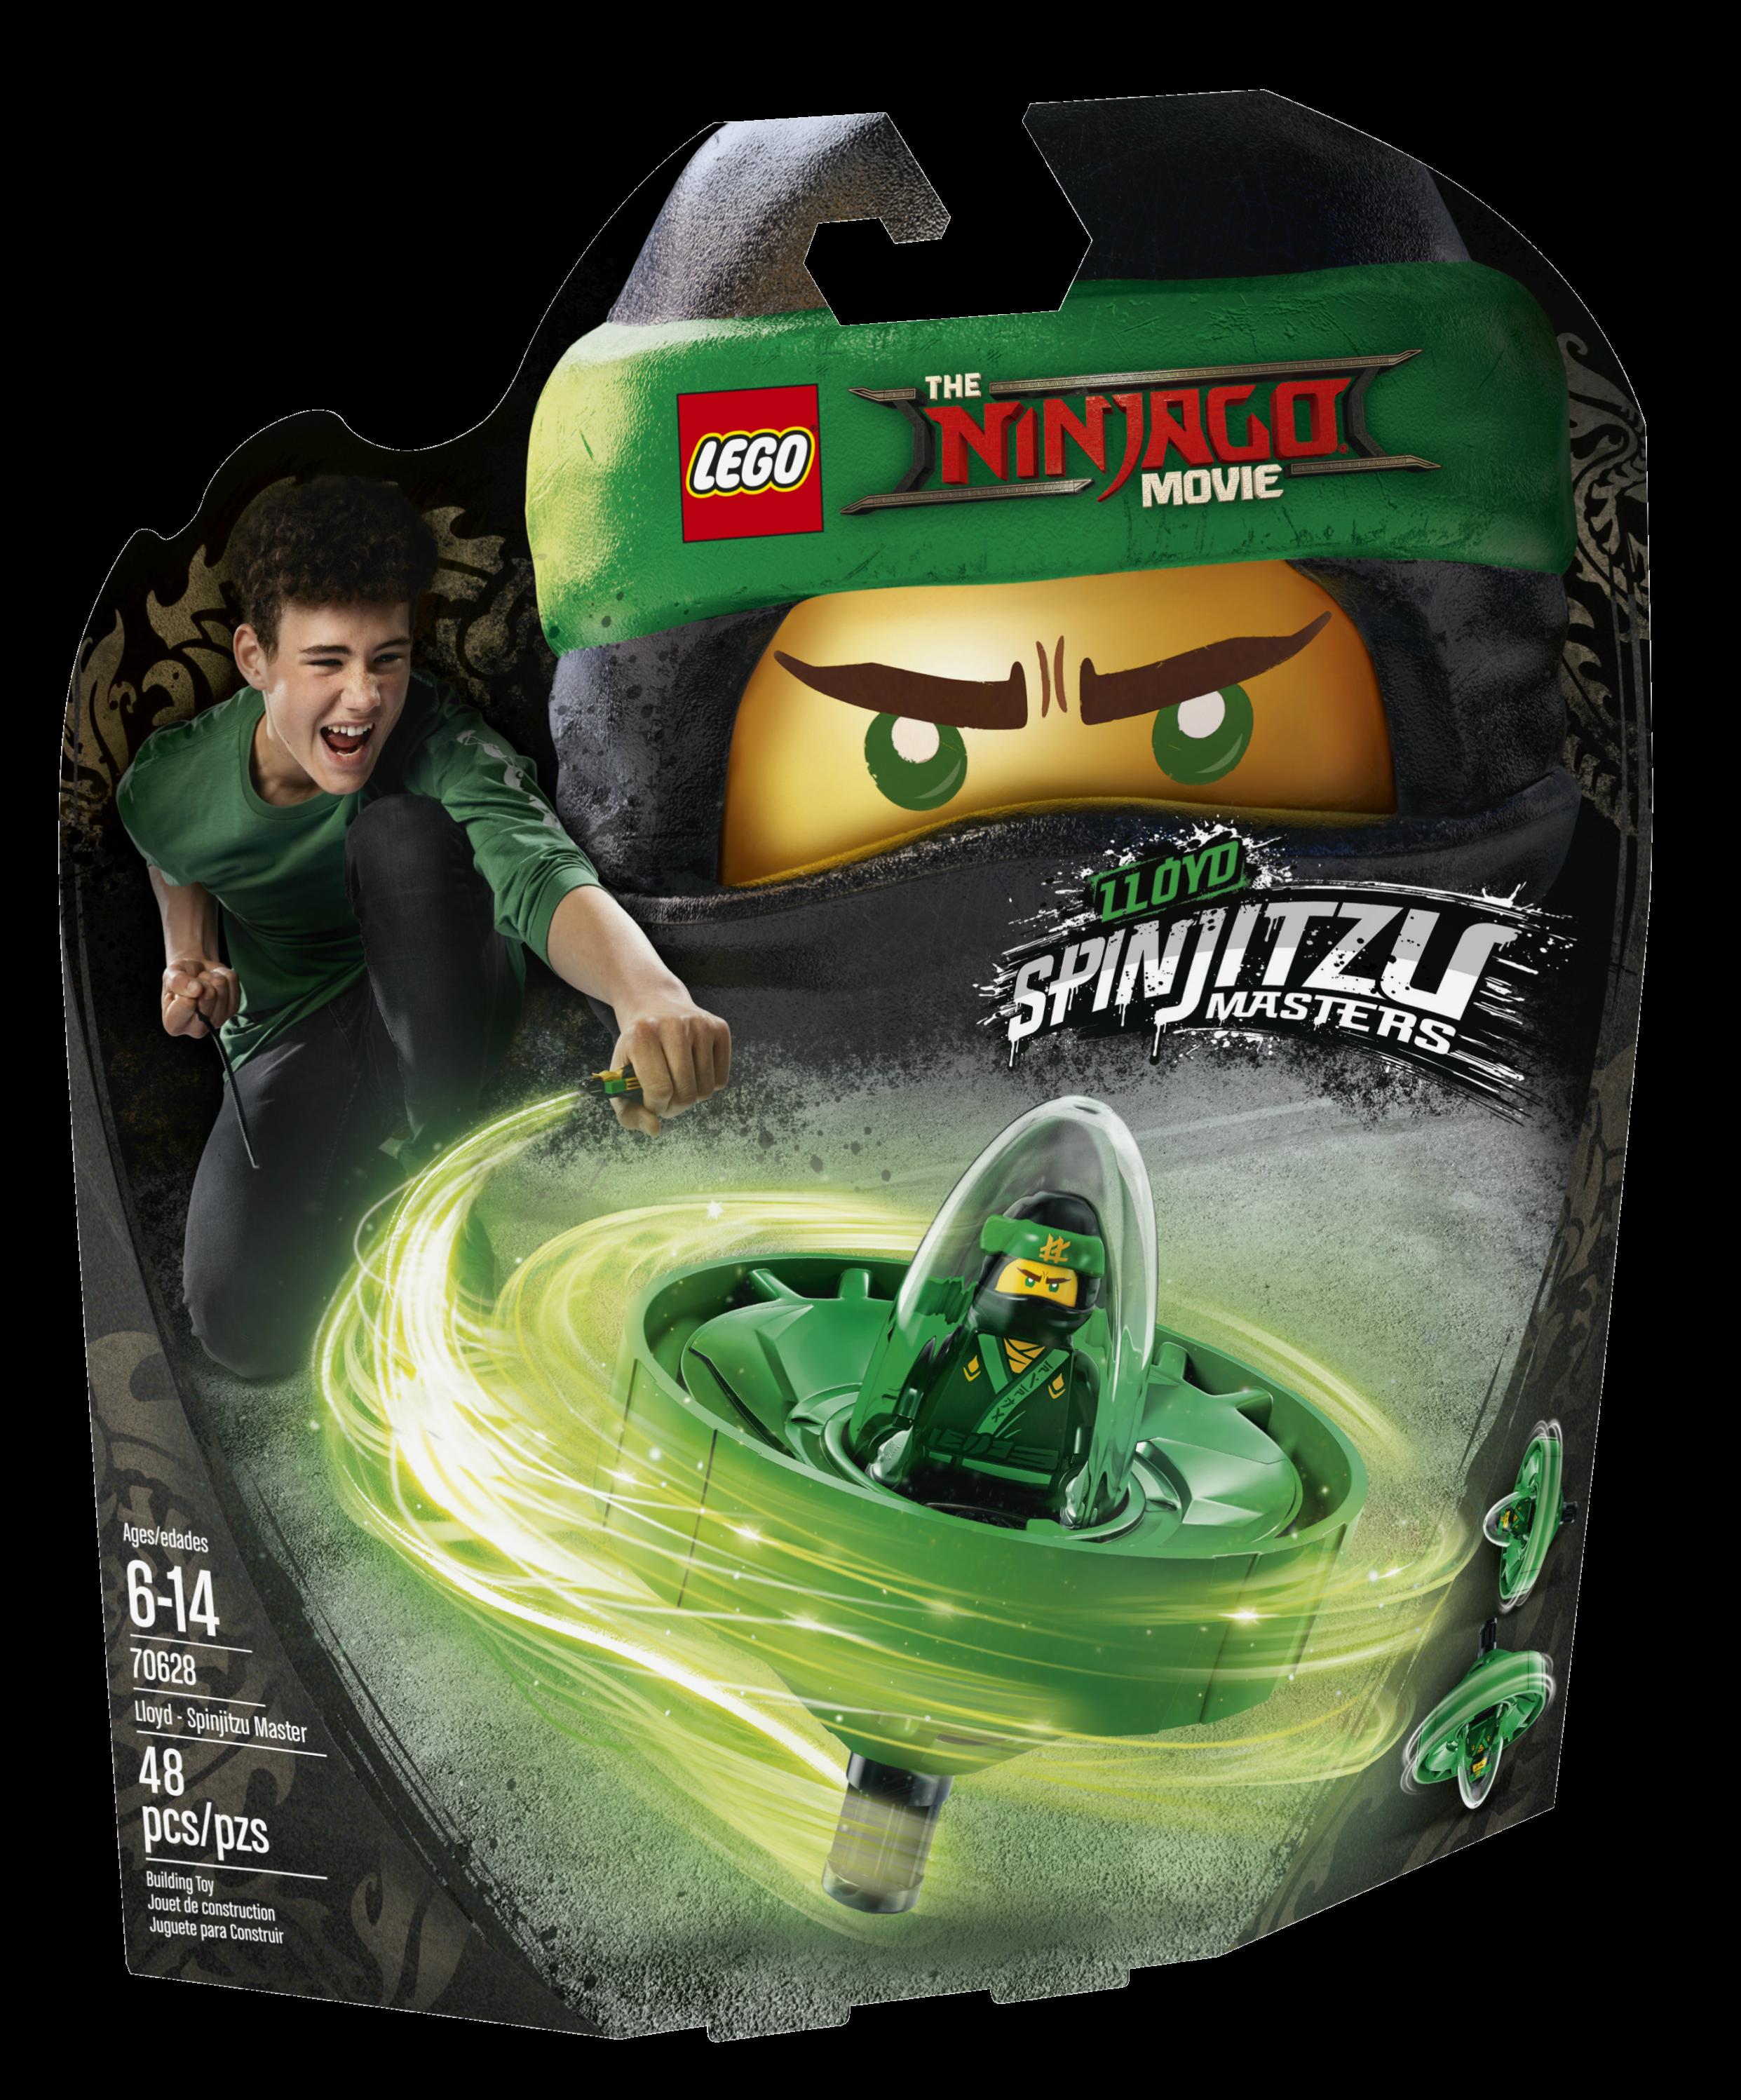 LEGO 70628 Lloyd Spinjitzu Master the Ninjago Movie green ninja spinner